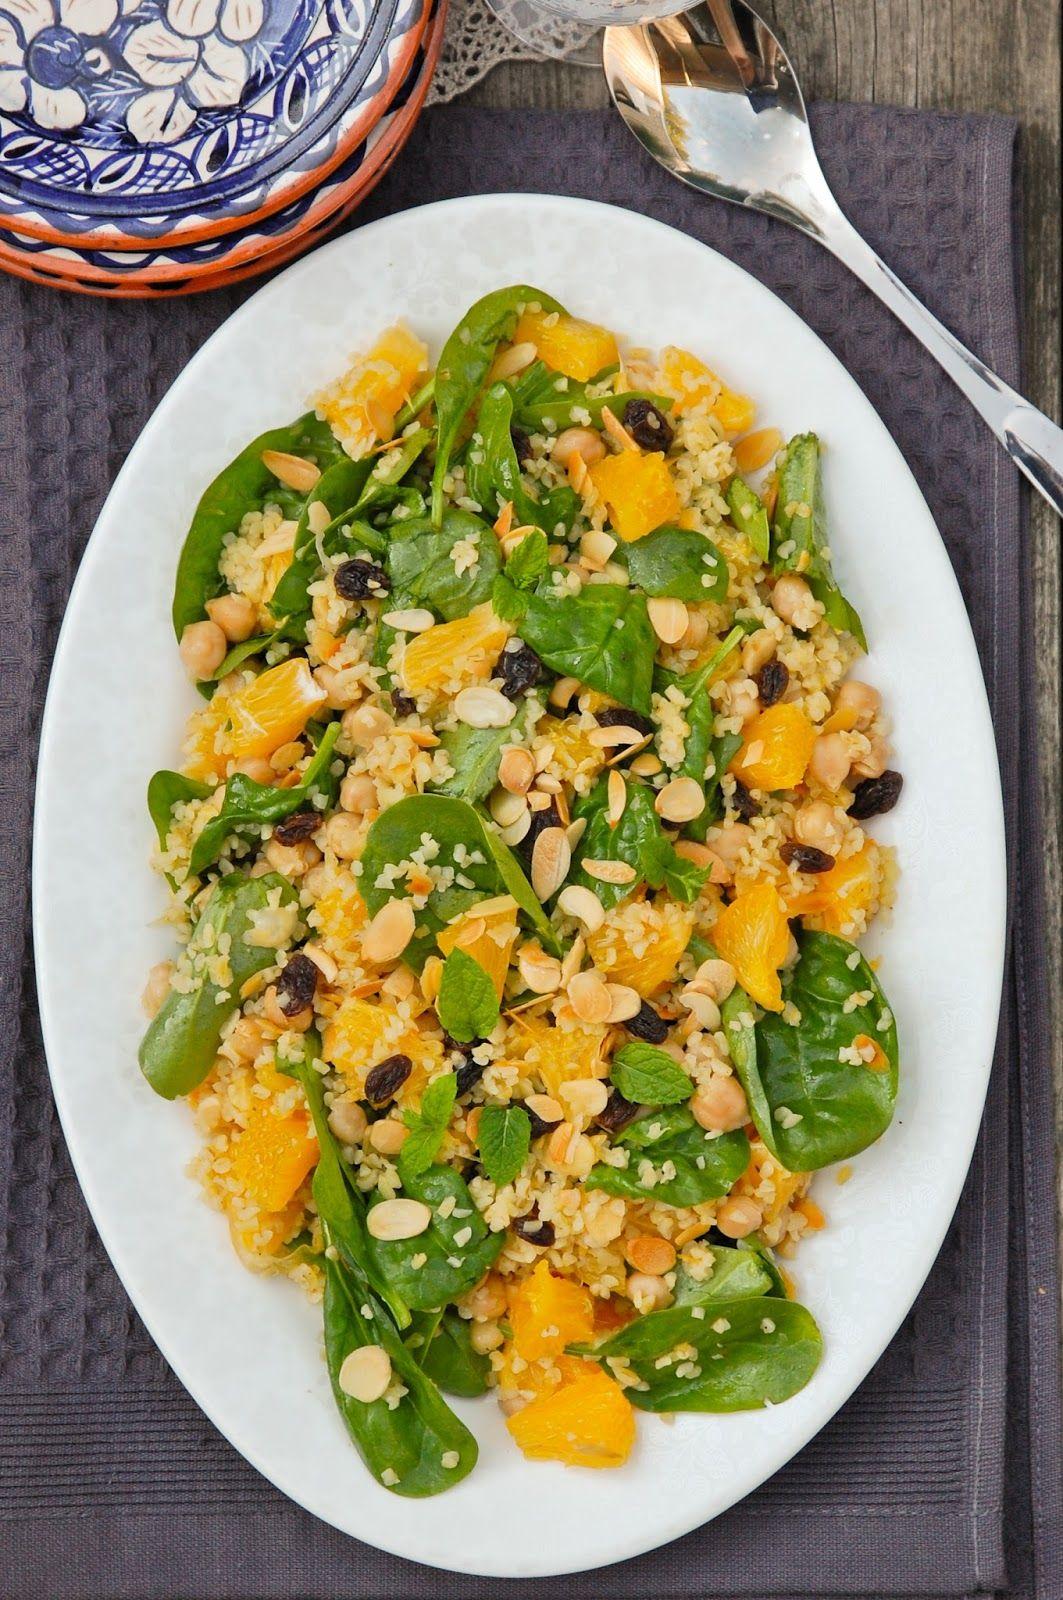 Couscoussalaatti appelsiinilla ja kikherneillä / Couscous salad with oranges and chickpeas